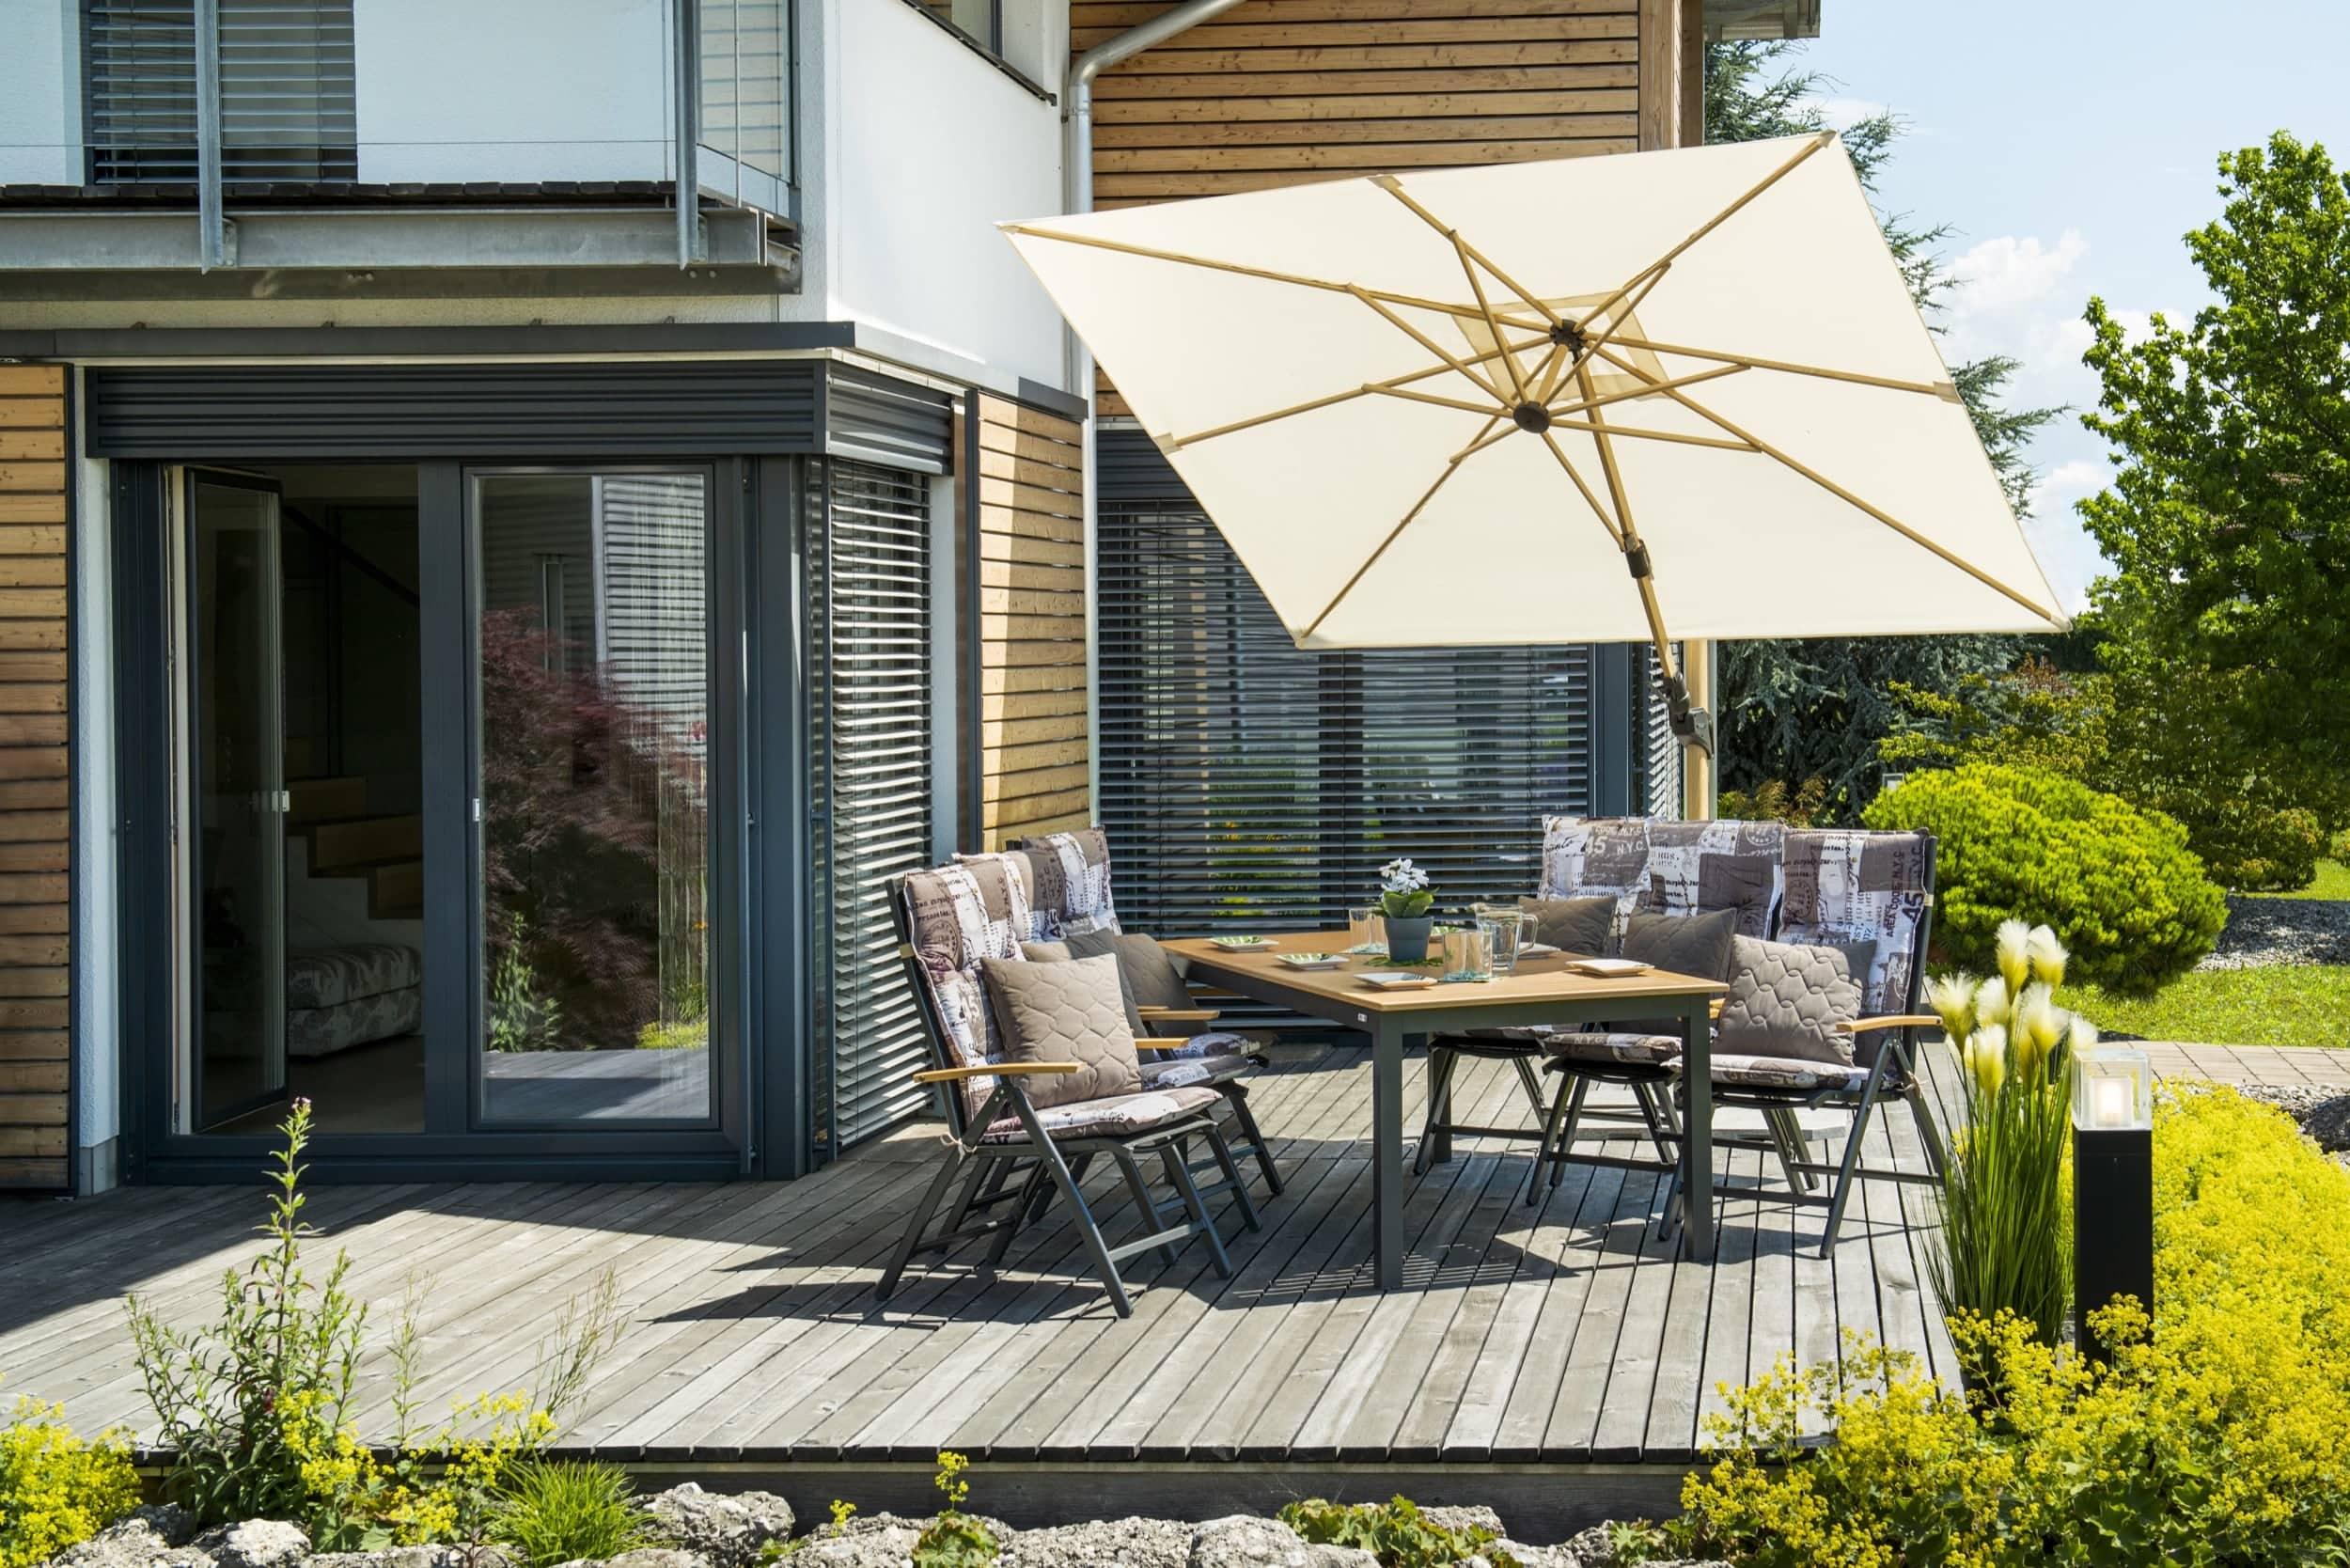 doppler Sonnenschirm Alu Wood 300x220 in natur auf Terrasse